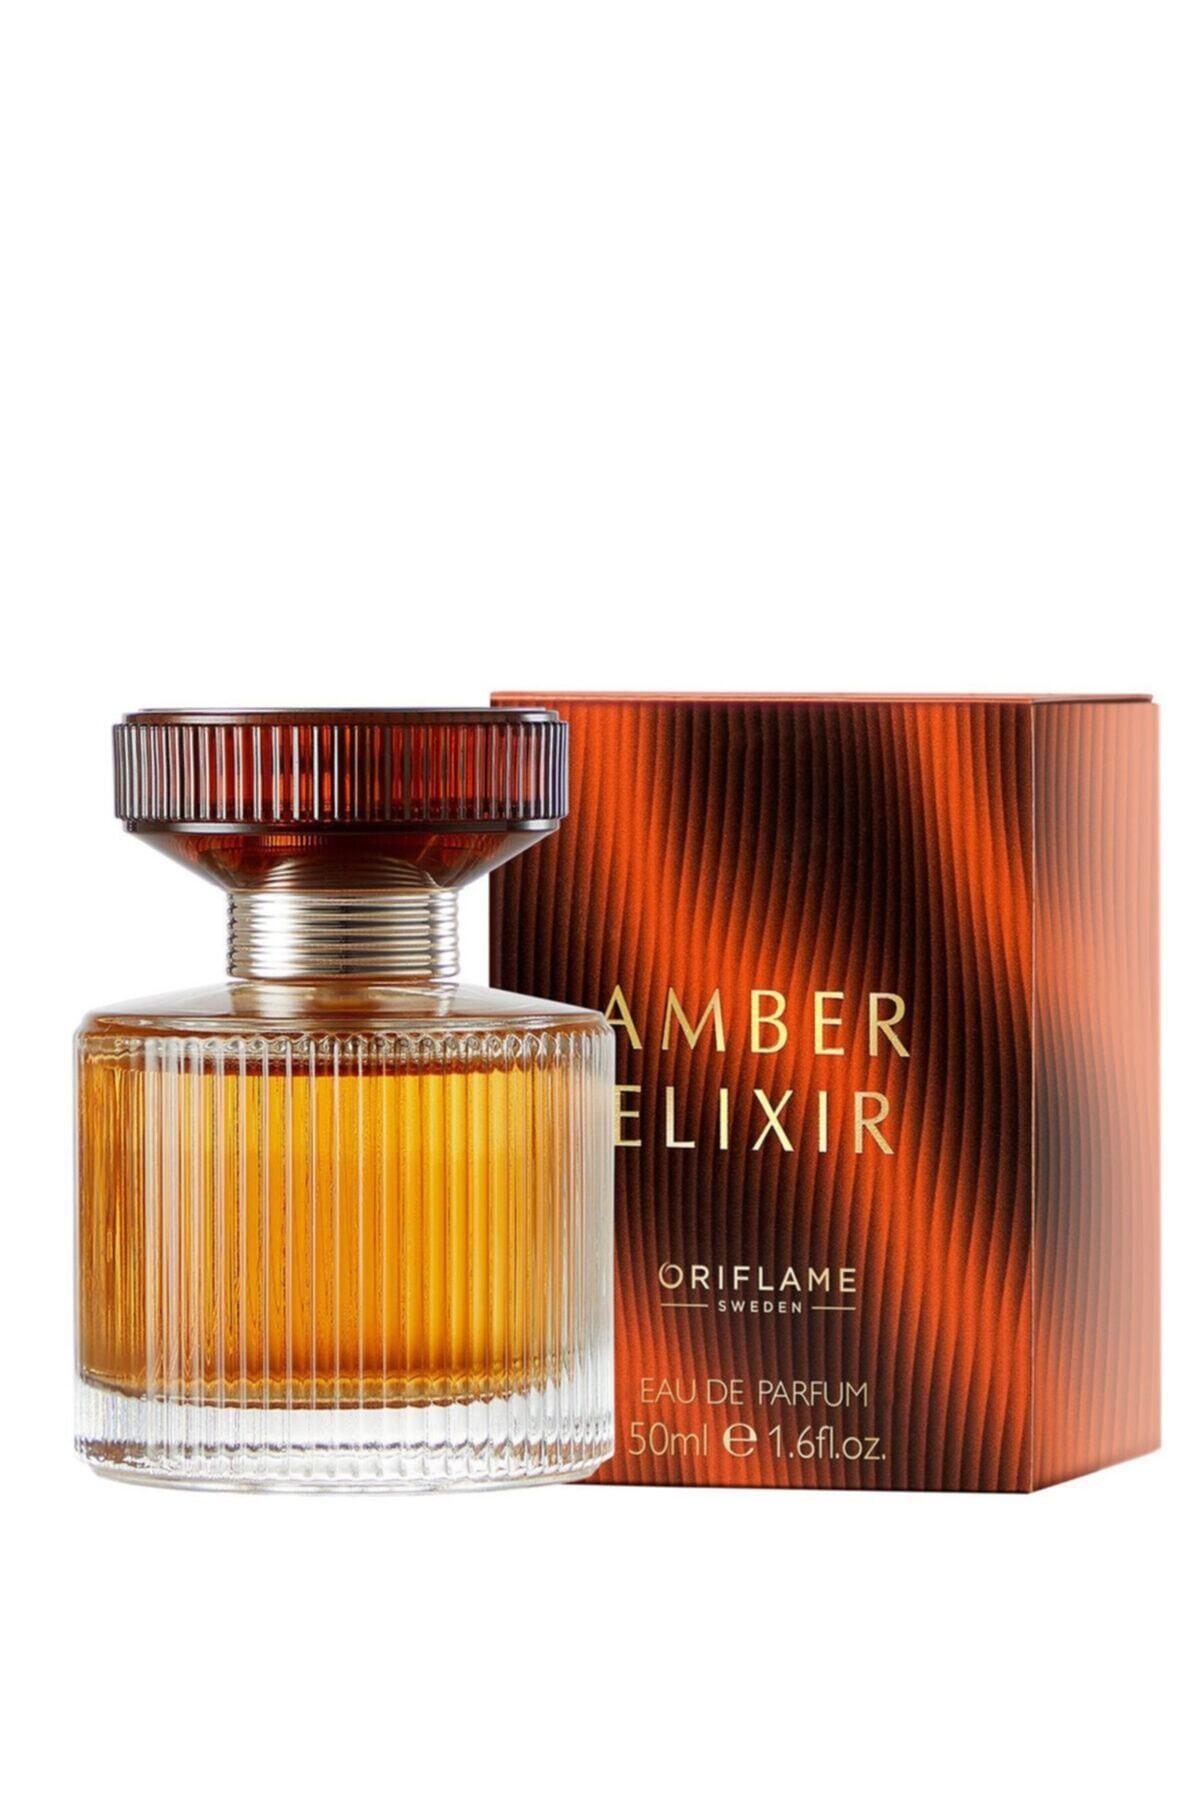 Oriflame Amber Elixir Edp 50 ml Kadın Parfüm ELİTKOZMETİK00052 1